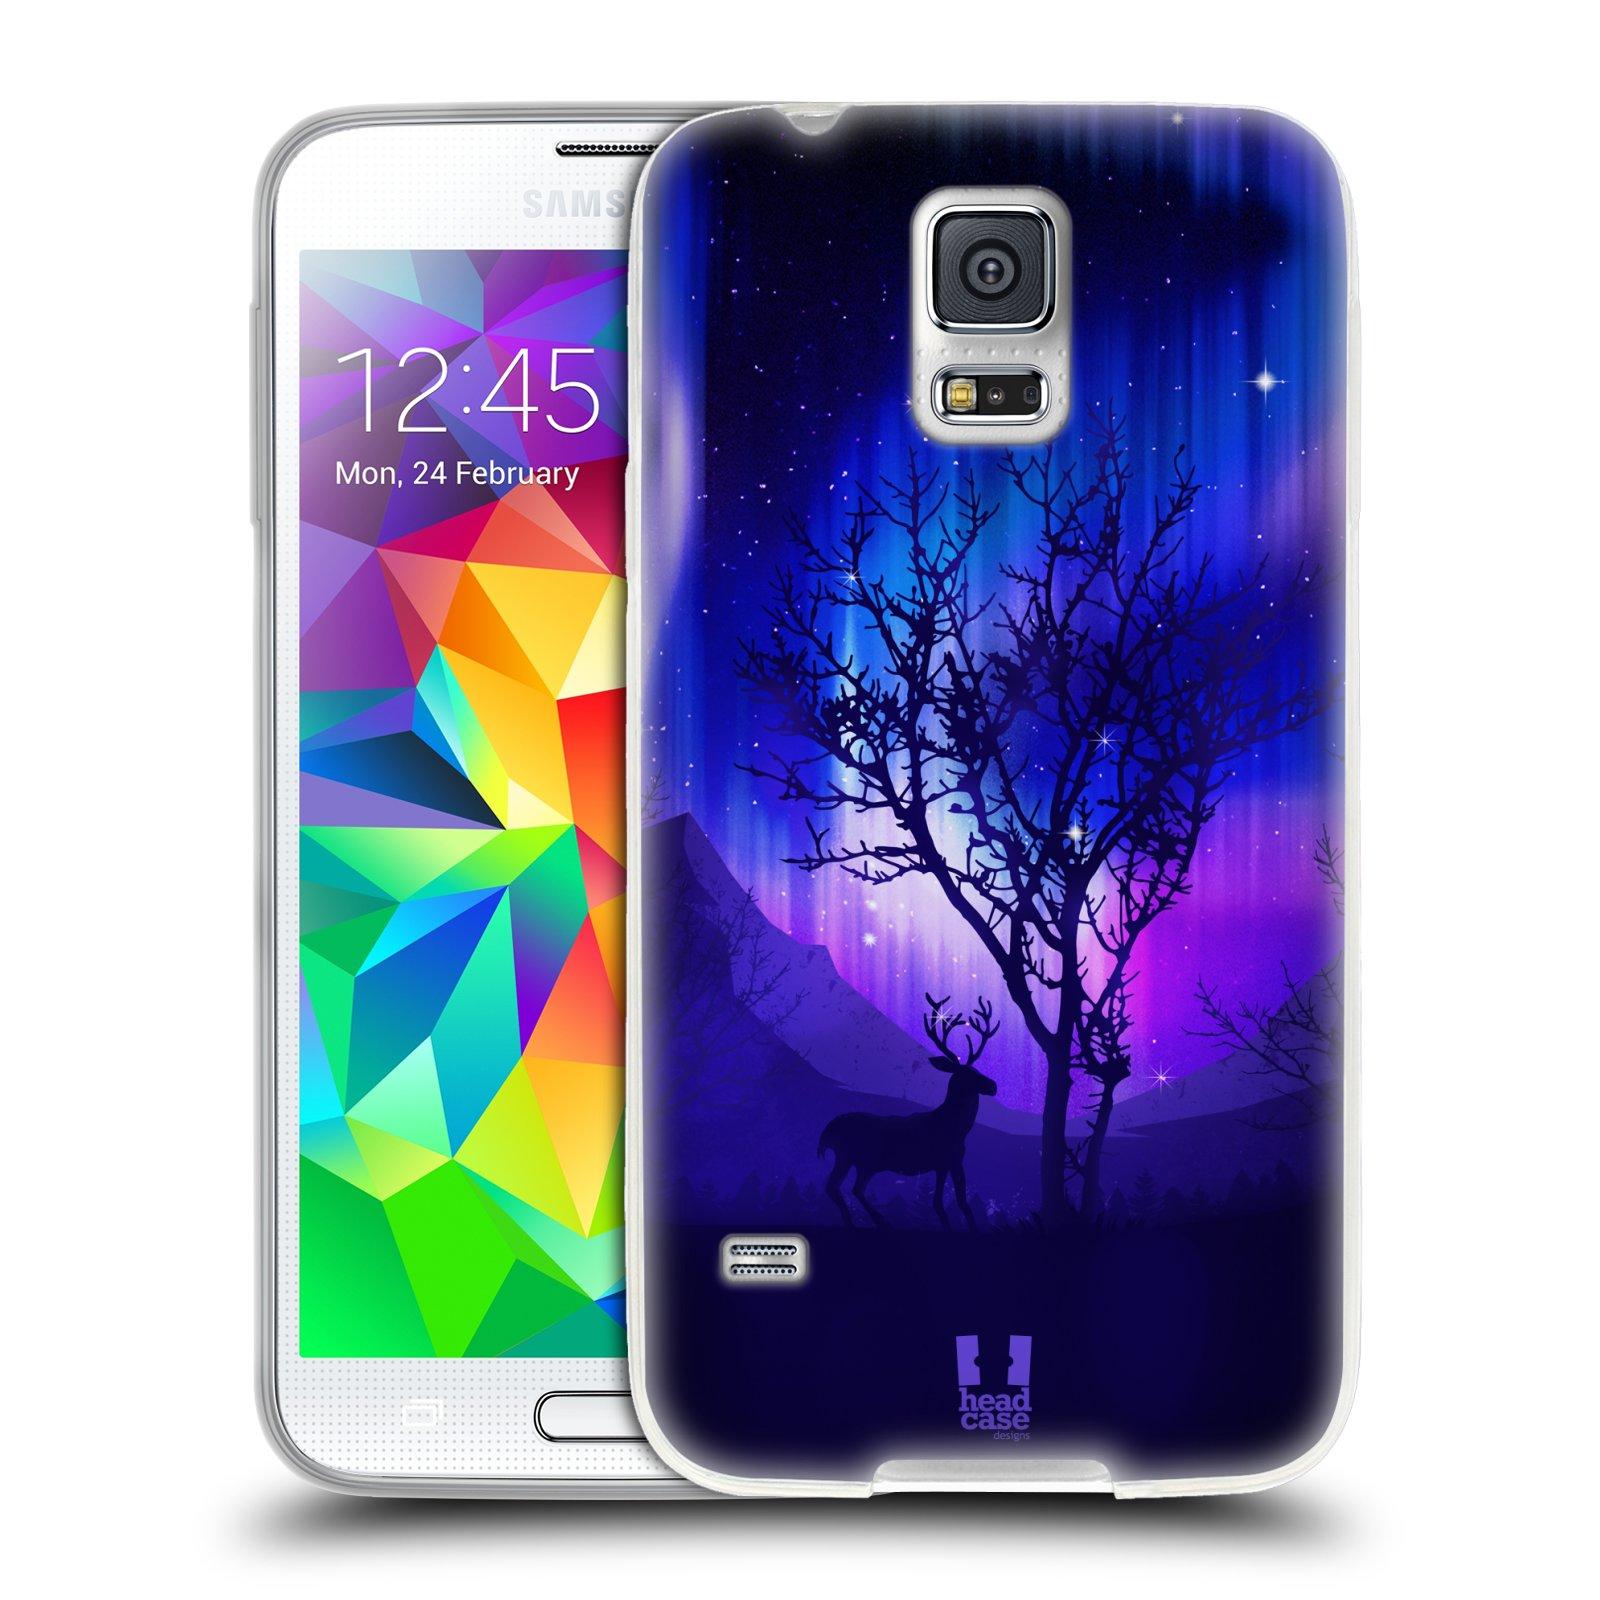 Silikonové pouzdro na mobil Samsung Galaxy S5 HEAD CASE Polární Záře Strom (Silikonový kryt či obal na mobilní telefon Samsung Galaxy S5 SM-G900F)